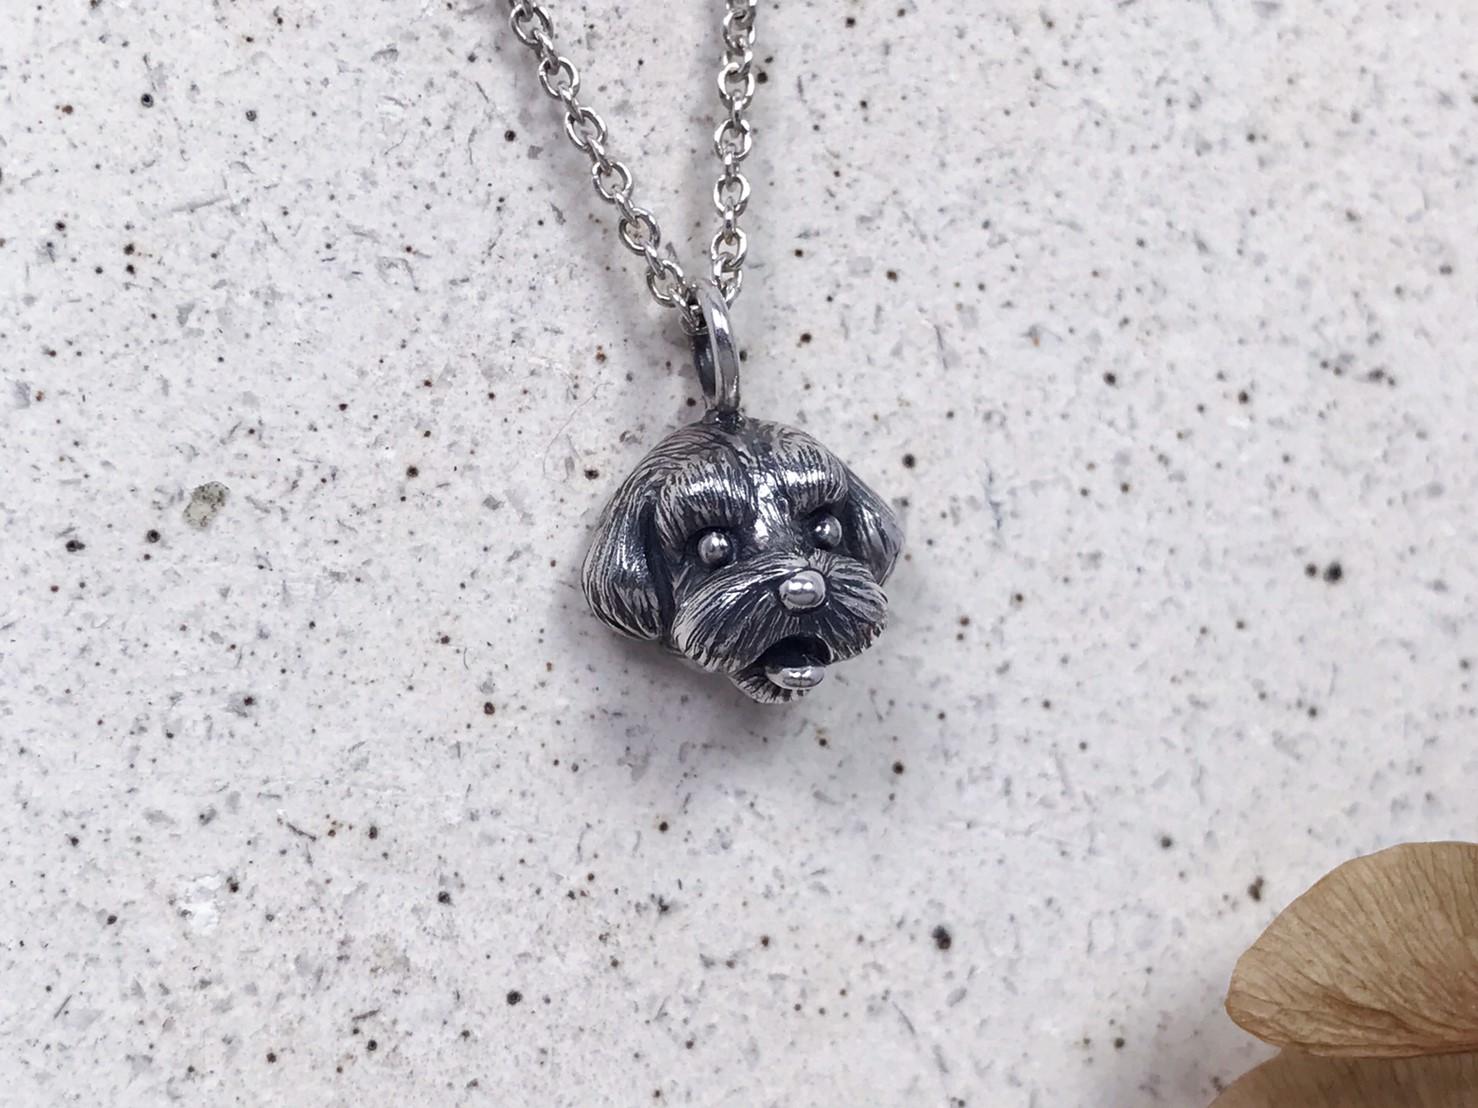 馬爾濟斯-純銀項鍊